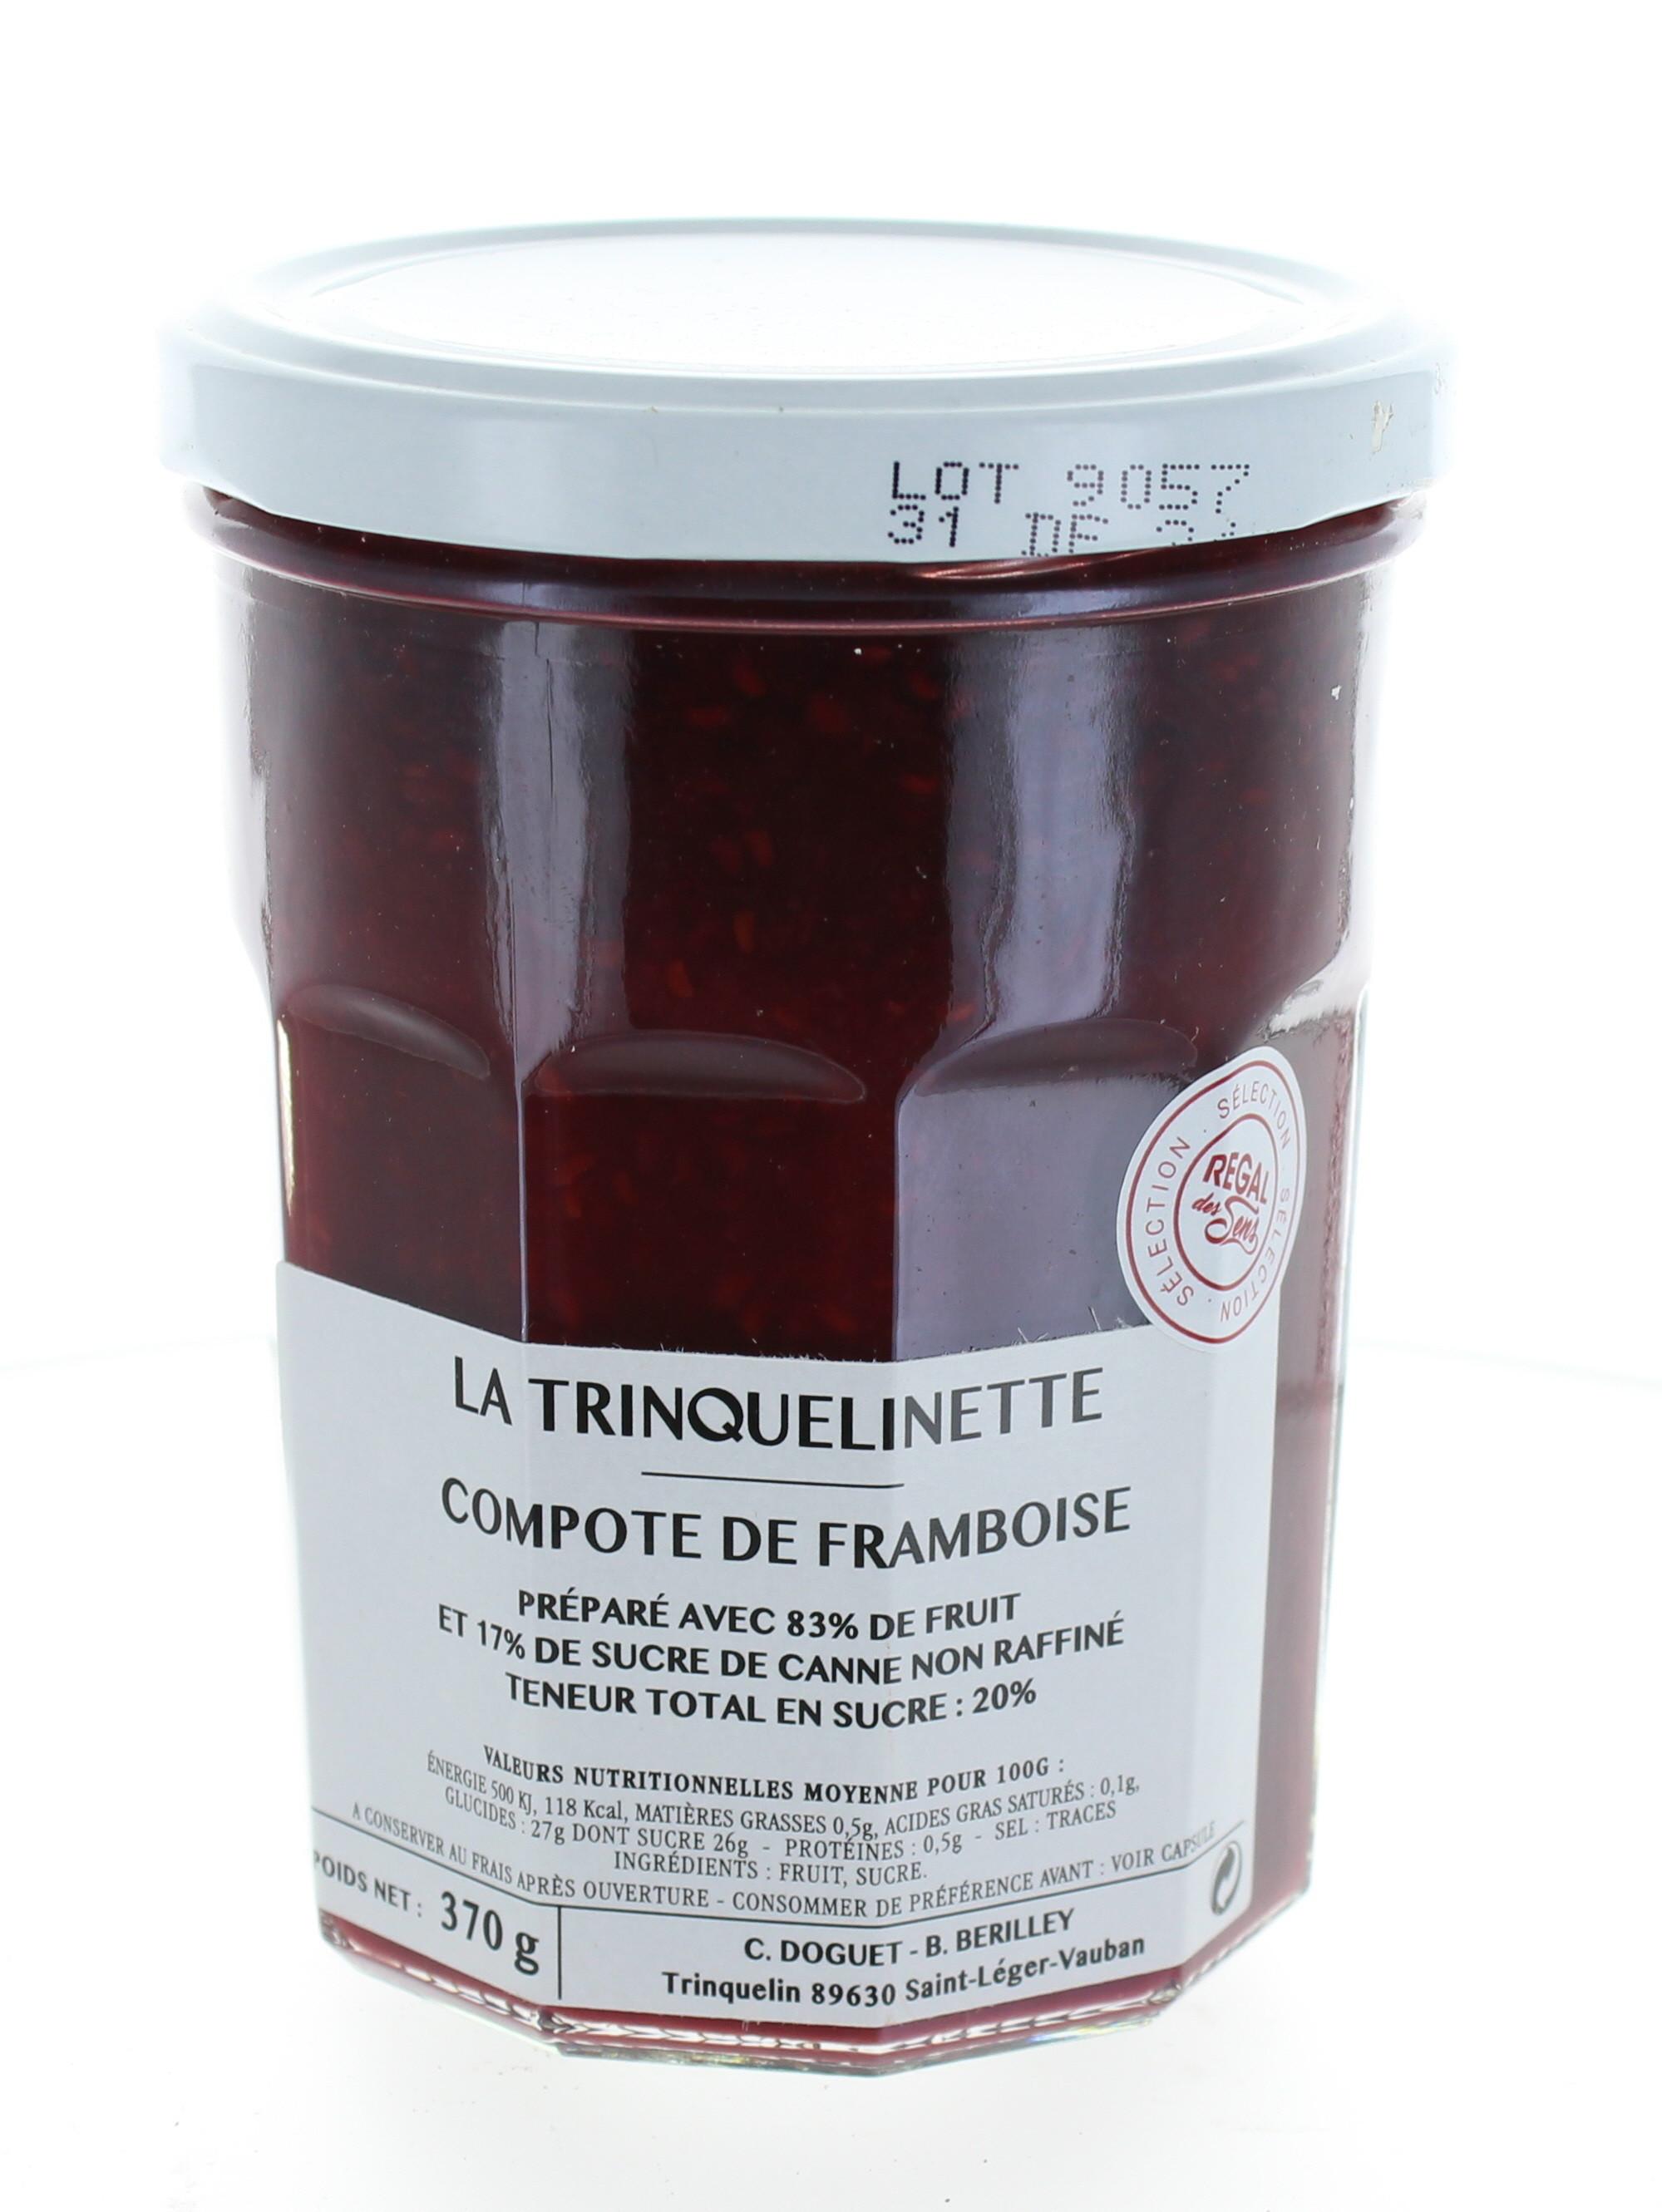 Compote de Framboise - La trinquelinette